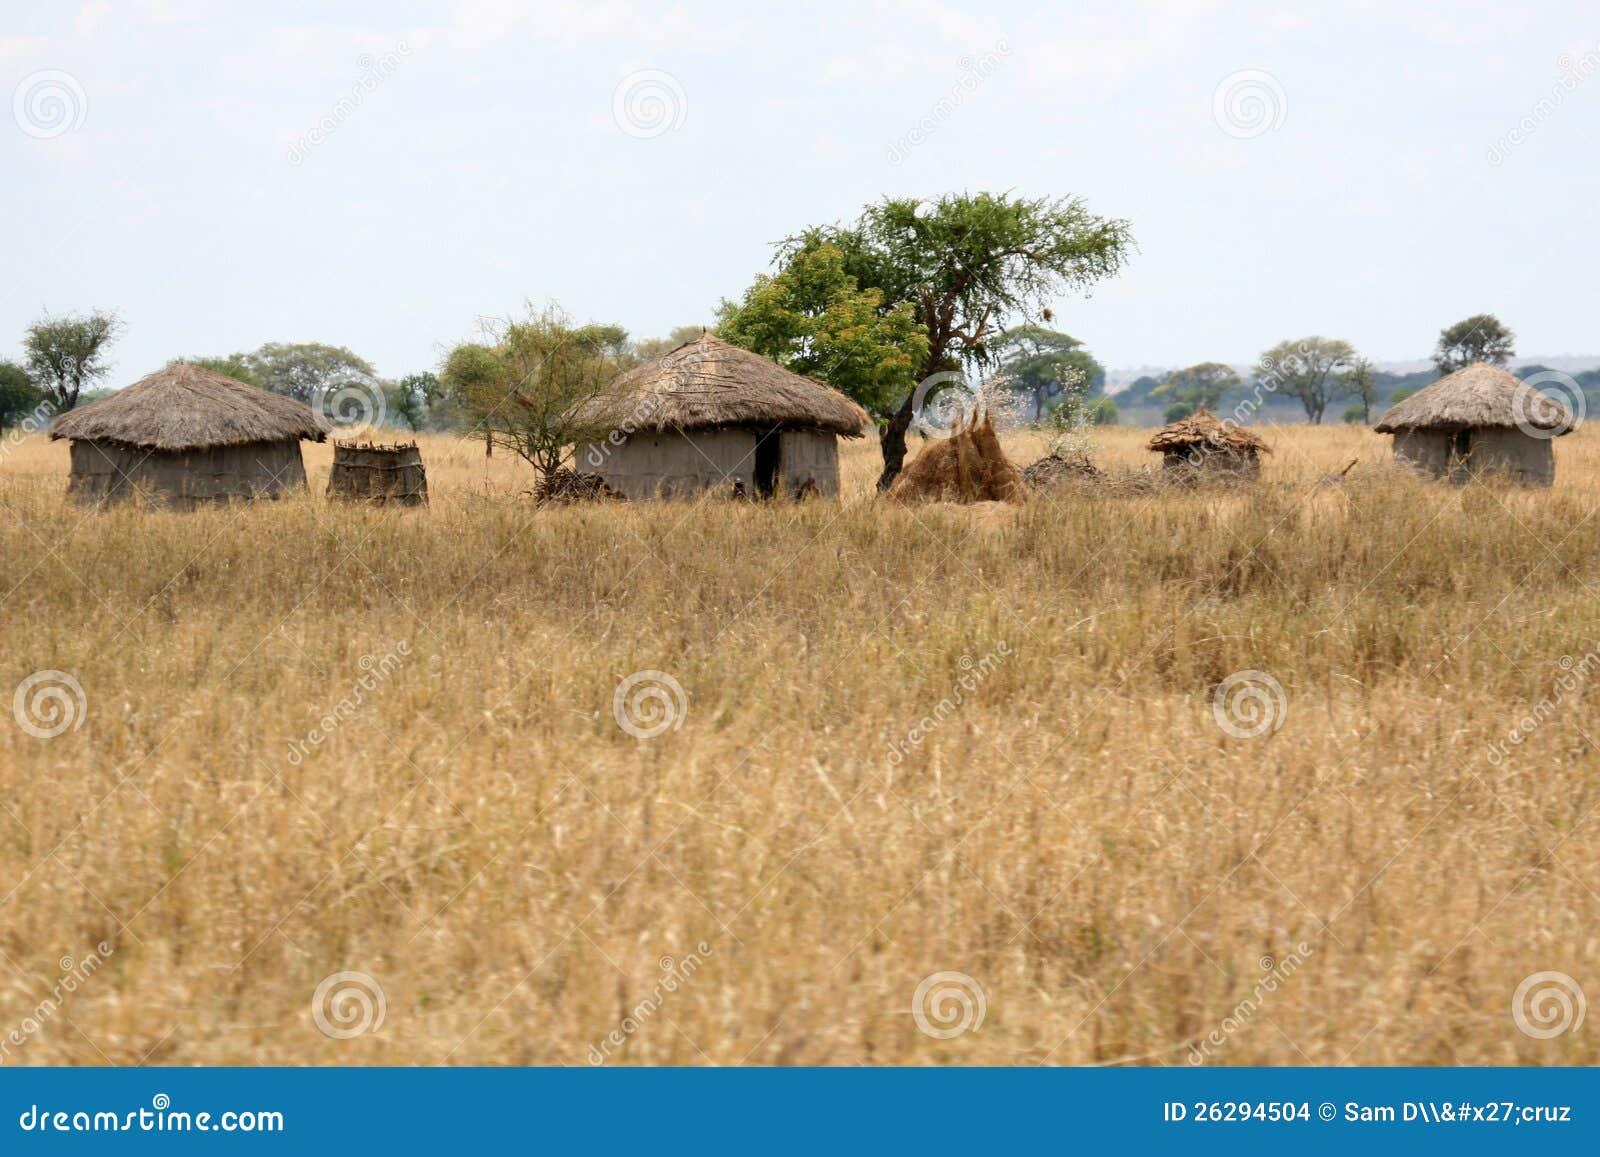 Het dorp van de hut van de modder nationaal park tarangire tanzania afrika stock foto - Het upgraden van m ...